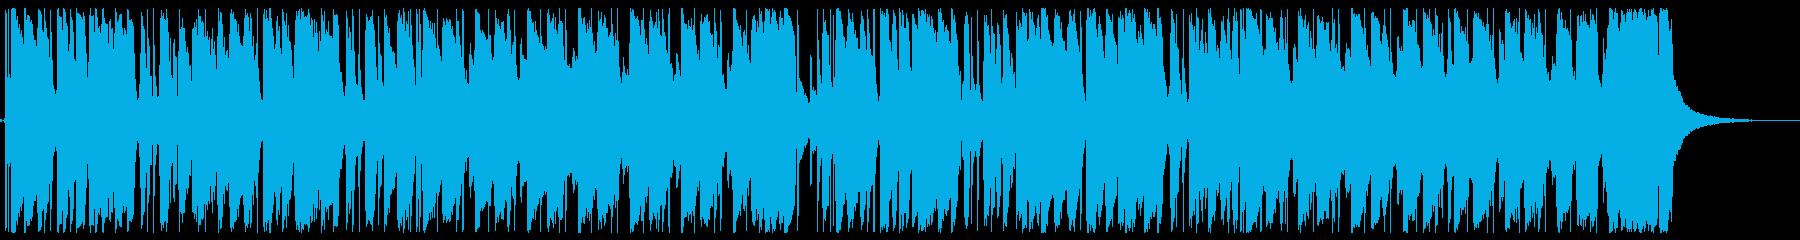 風変わりな、ロカビリーギタードリブ...の再生済みの波形